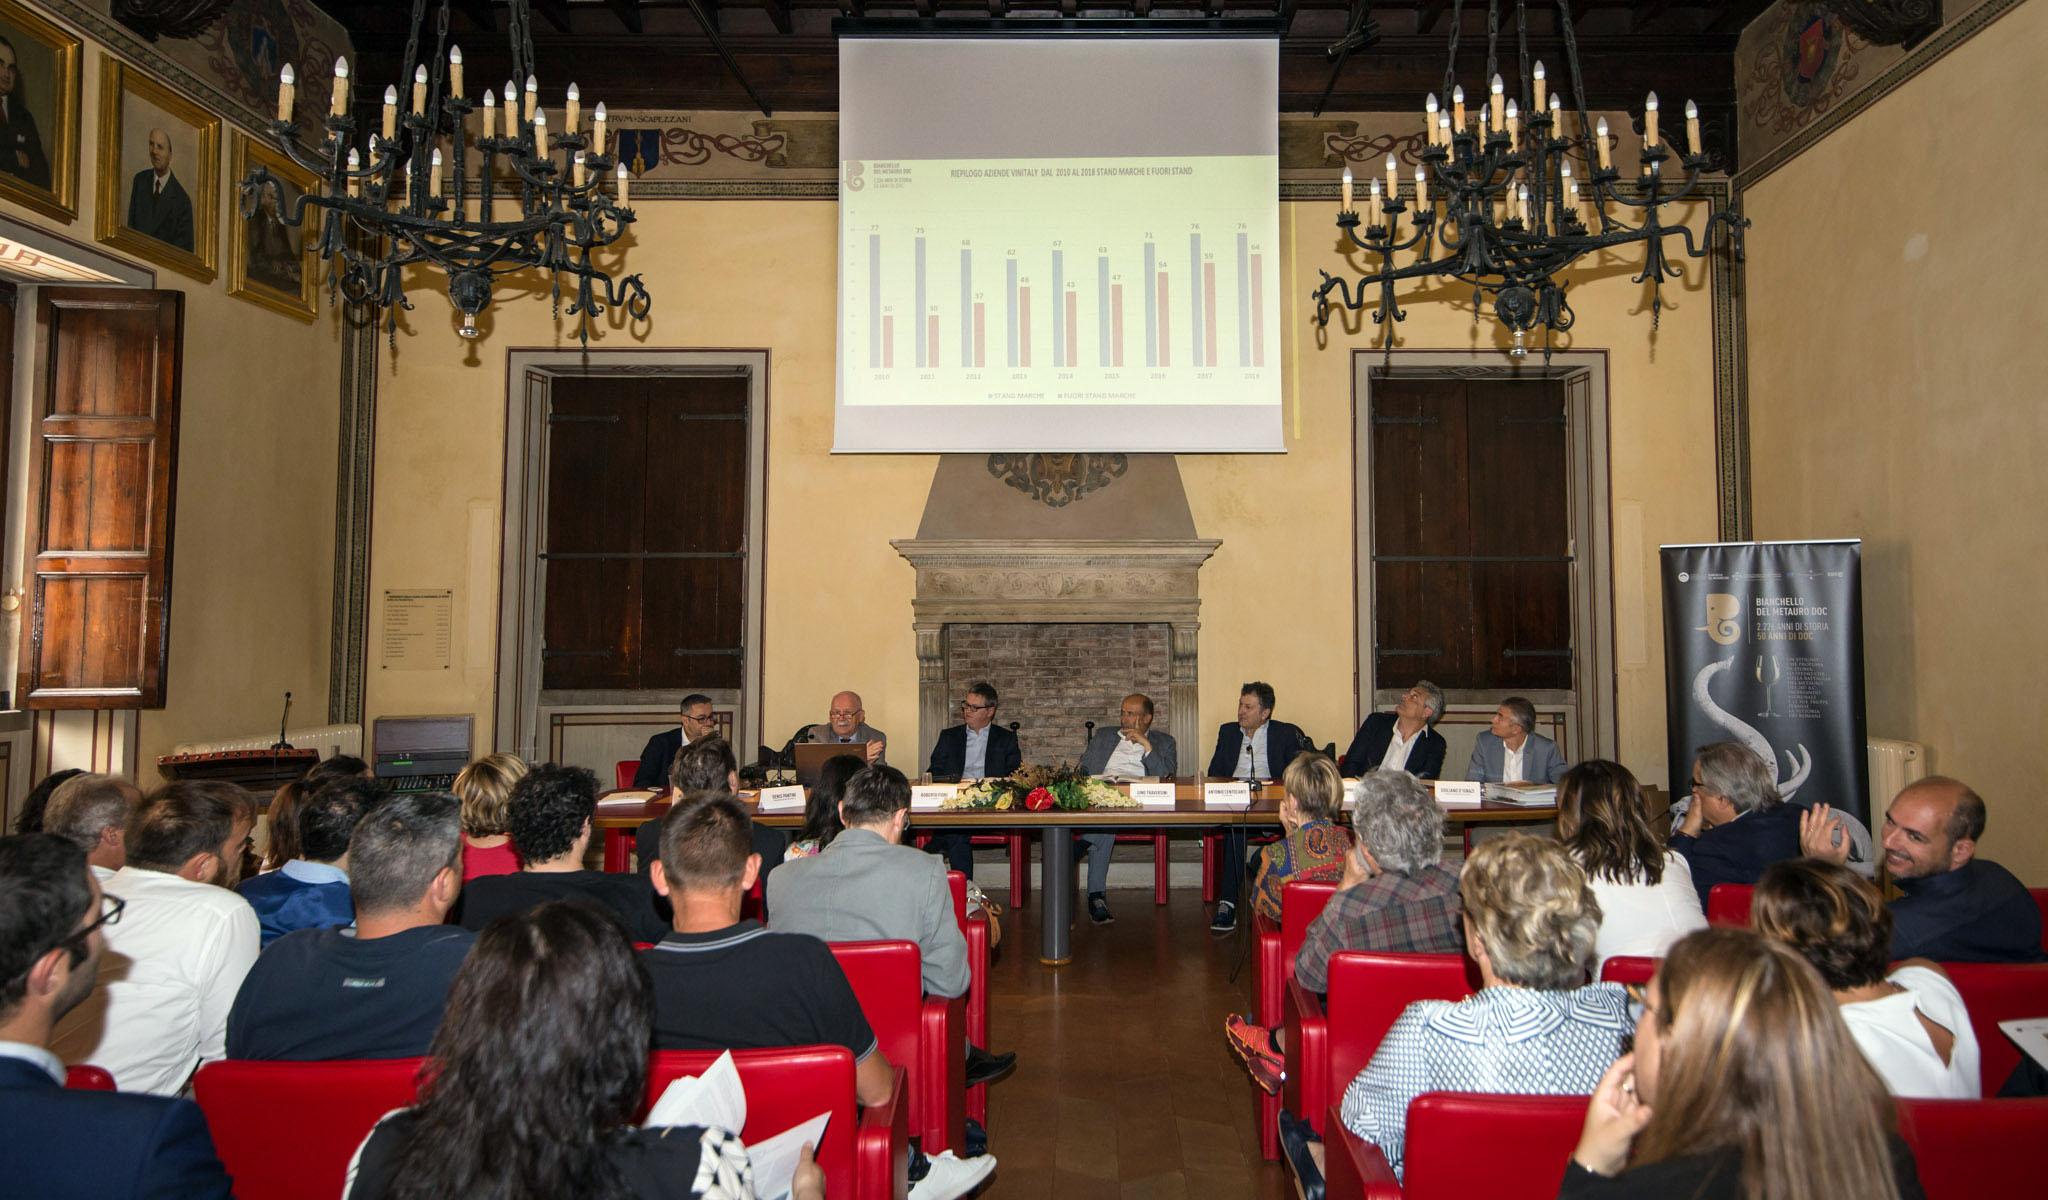 Vini marittimi: in Italia quasi una dop su 3 si affaccia sul mare